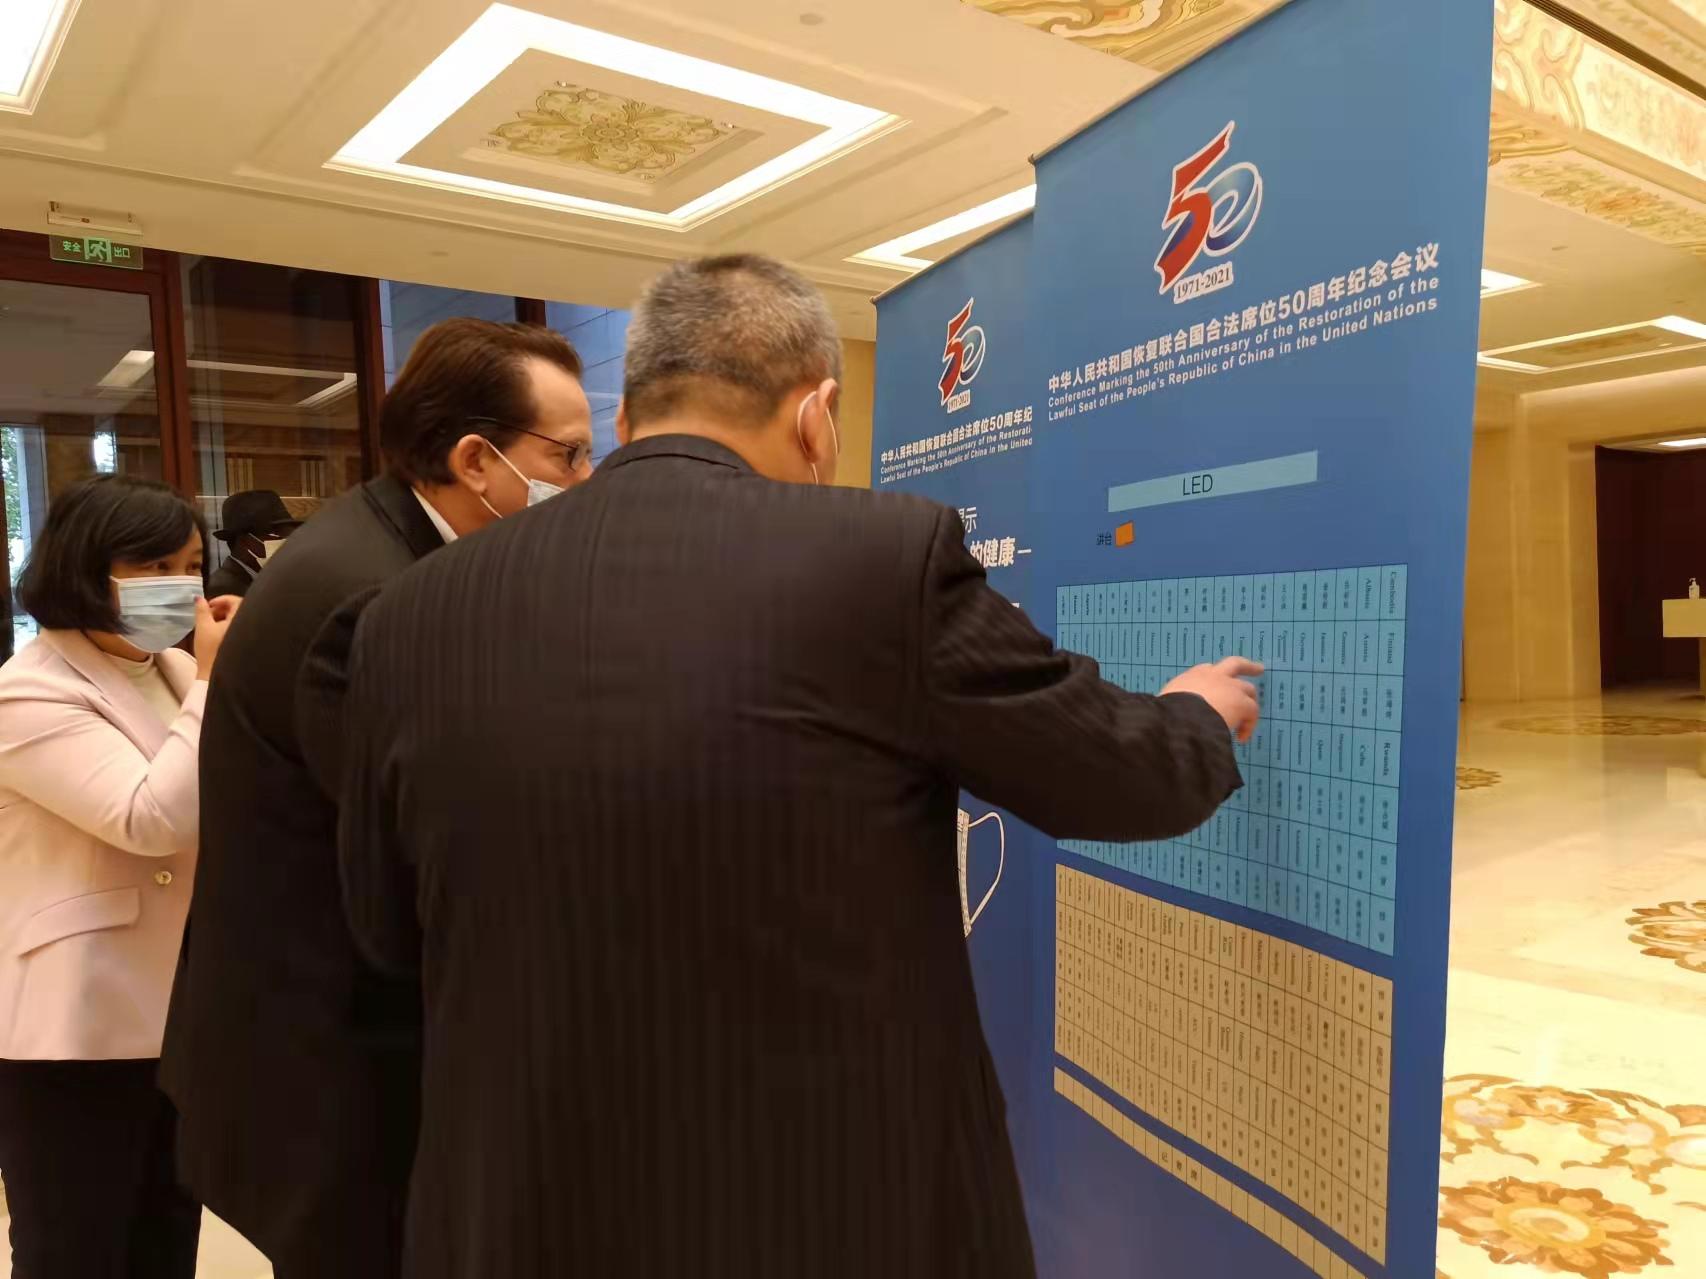 多国人士高度赞扬中国在联合国发挥的重要积极作用